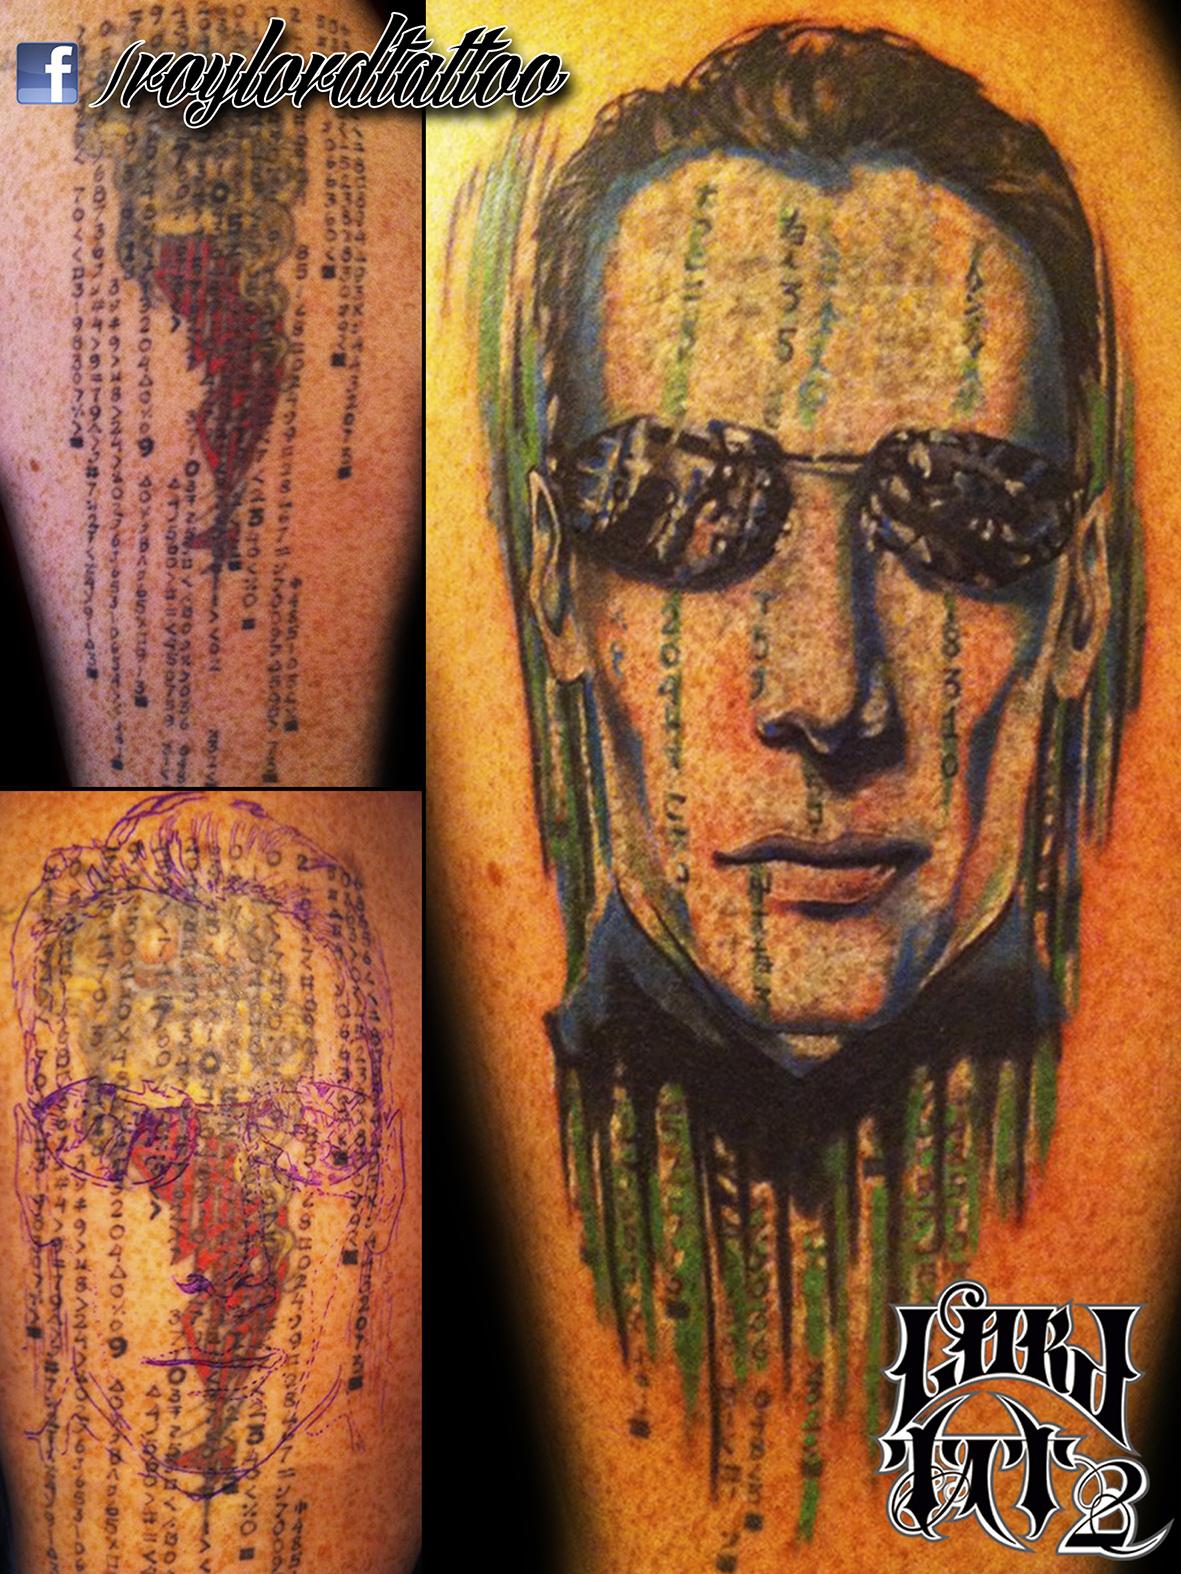 Matrix Cover Up Tattoocom